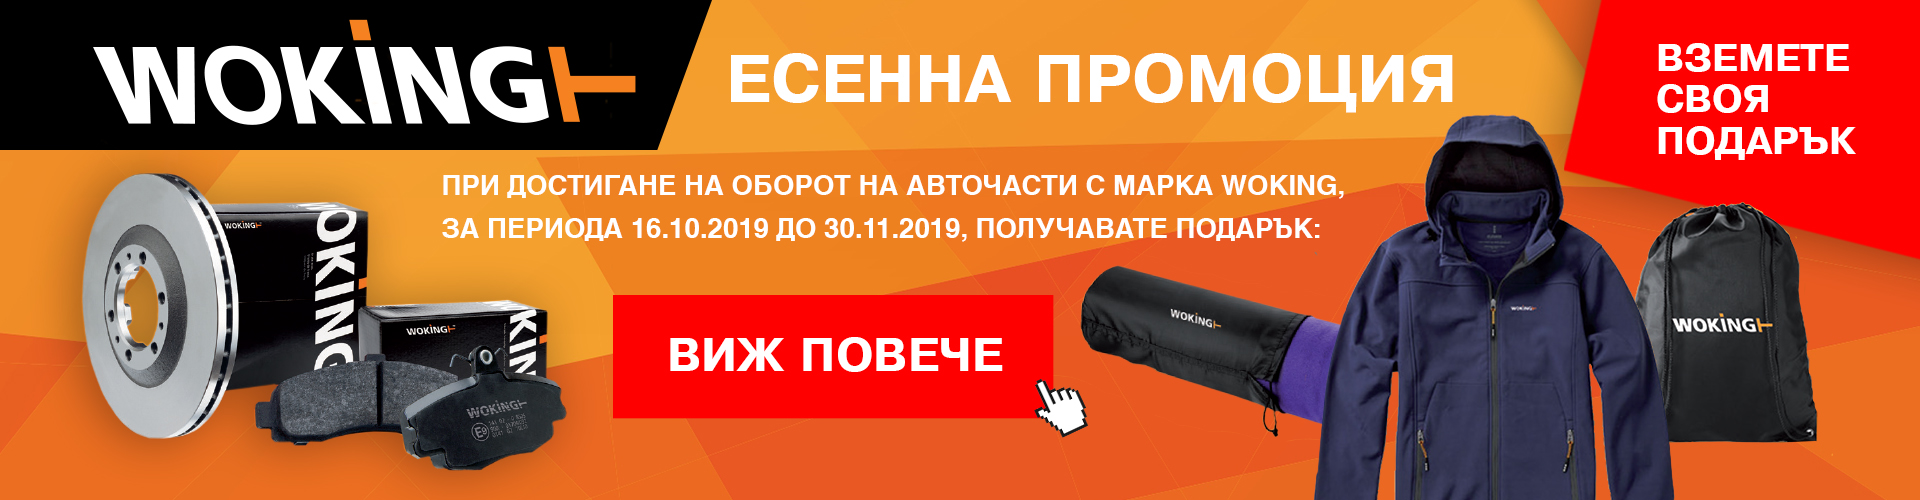 promo_woking_16.10.2019-30.11.2019_banner.jpg